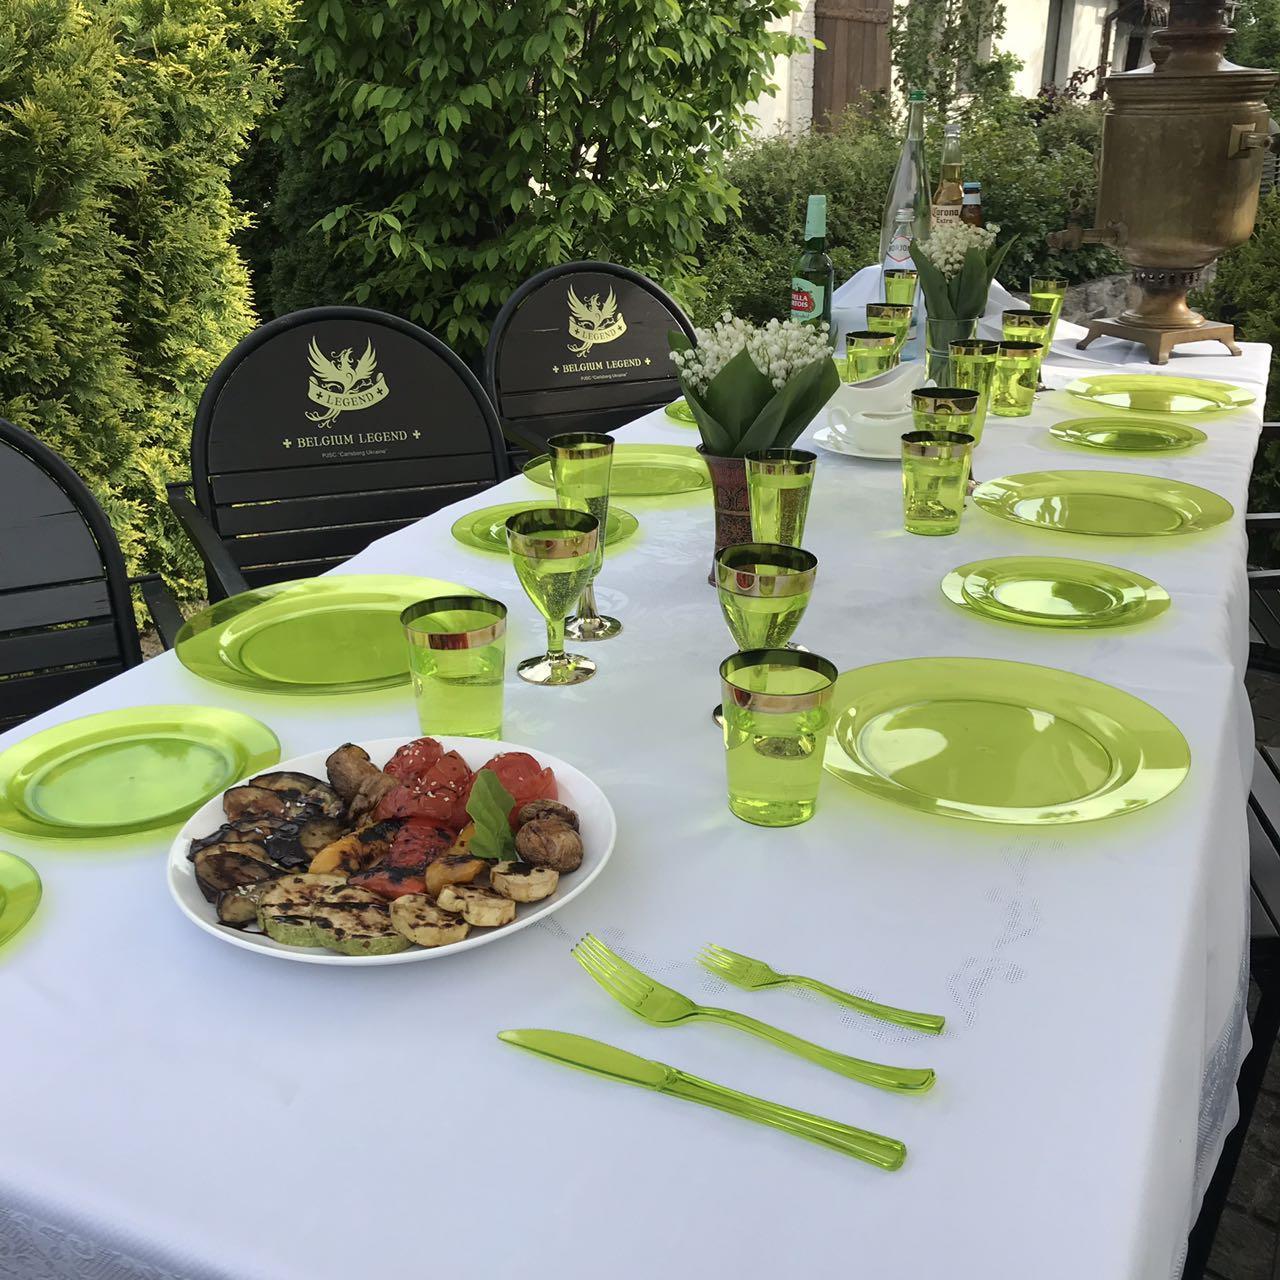 Вилки одноразовые 12 шт 188 мм плотные зеленые оптом от производителя для ресторанов, кейтеринга, хореки  CFP